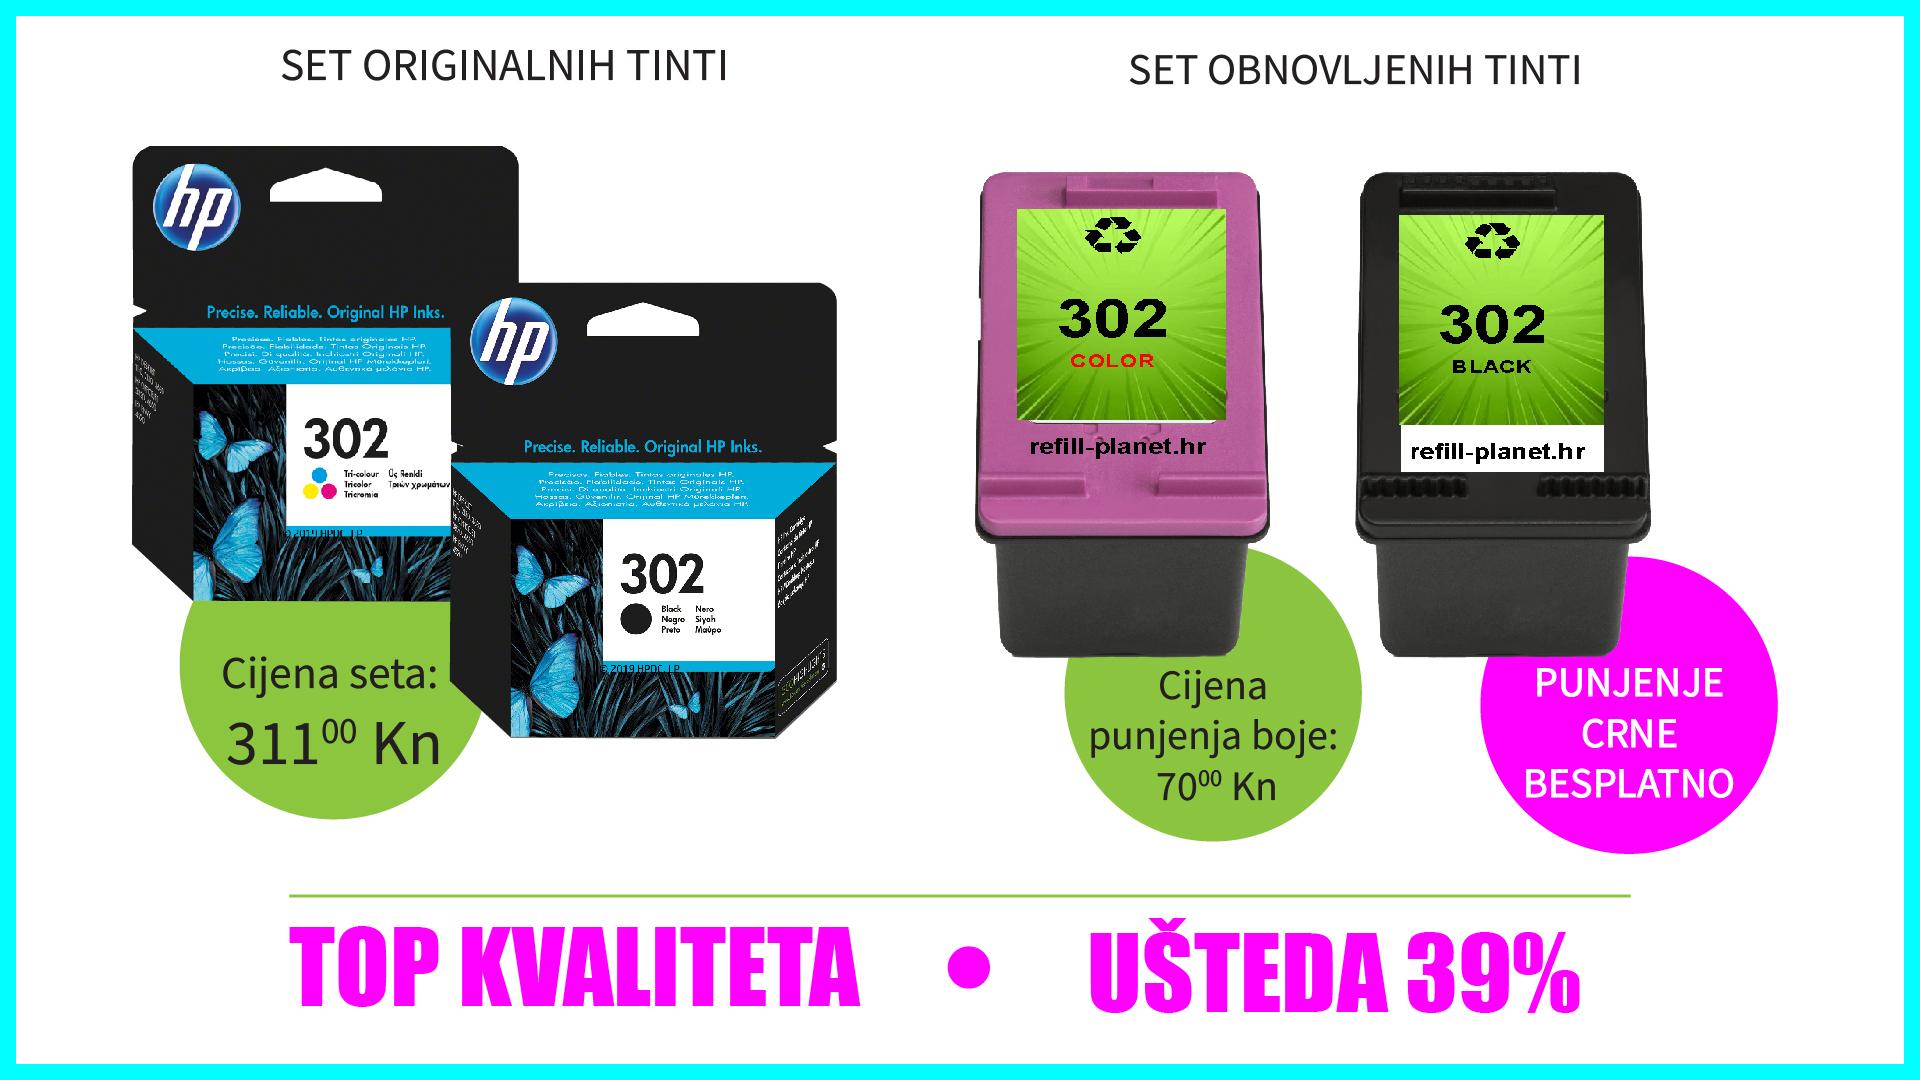 Ušteda pri kupnji HP 302 tinti